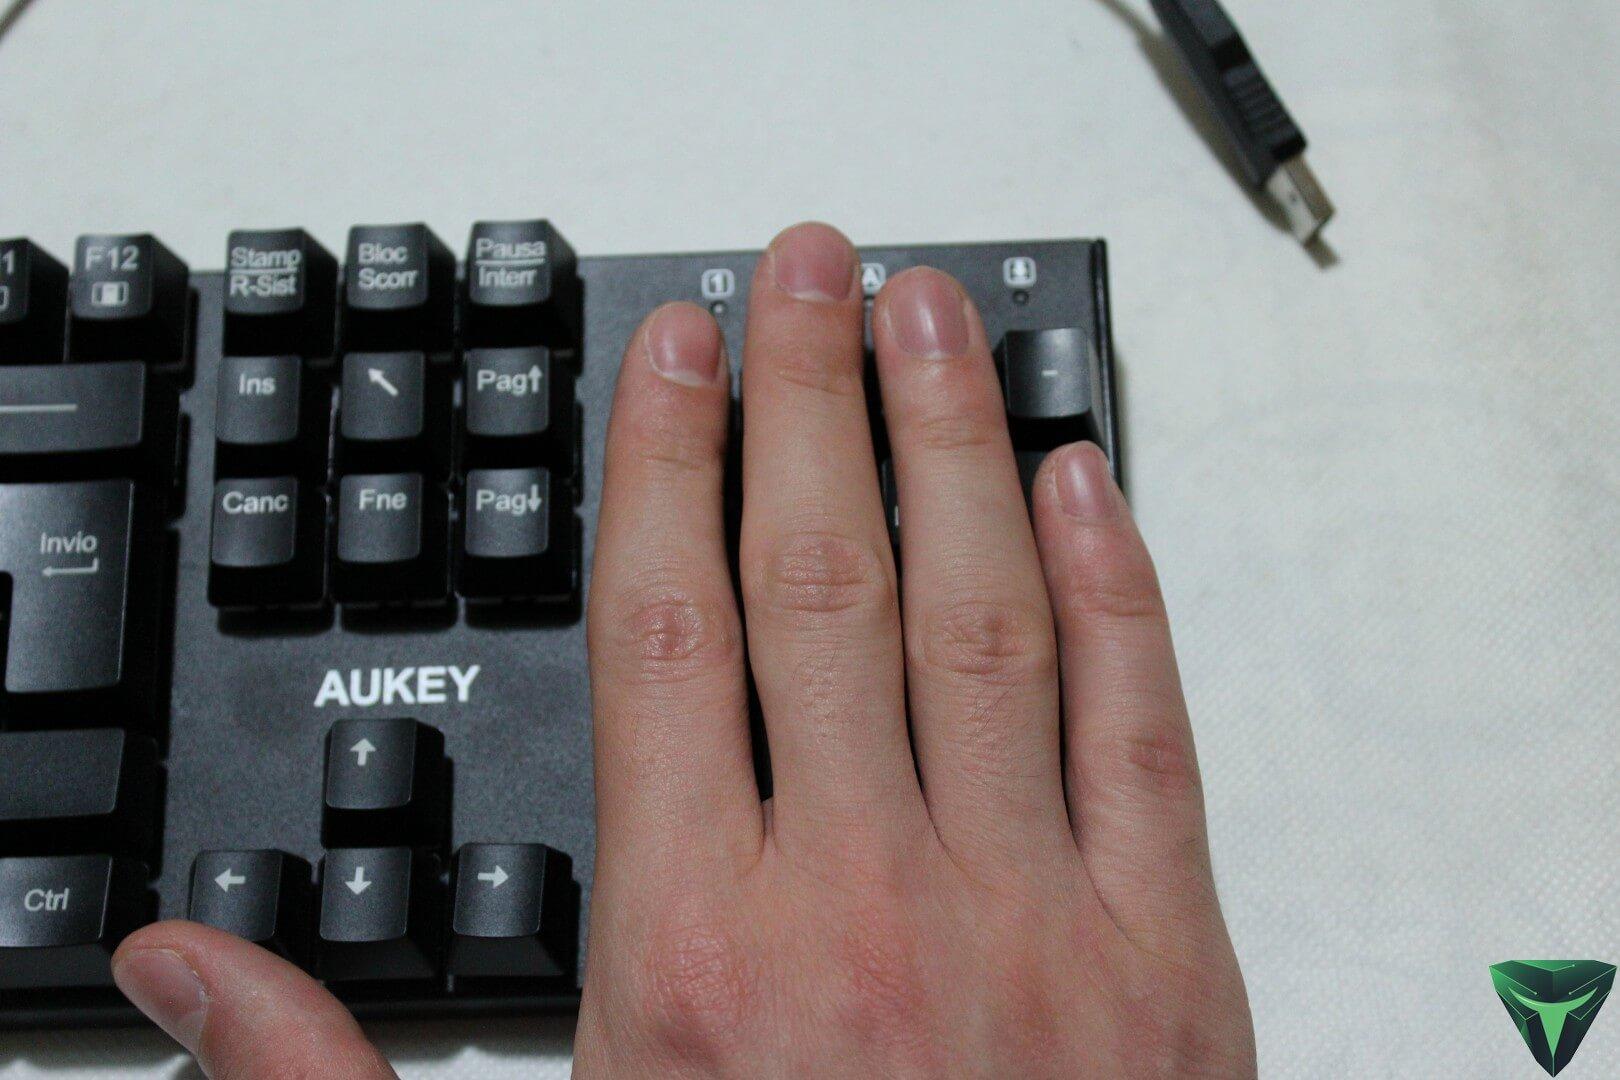 Aukey Tastiera meccanica KM-G8 recensione-